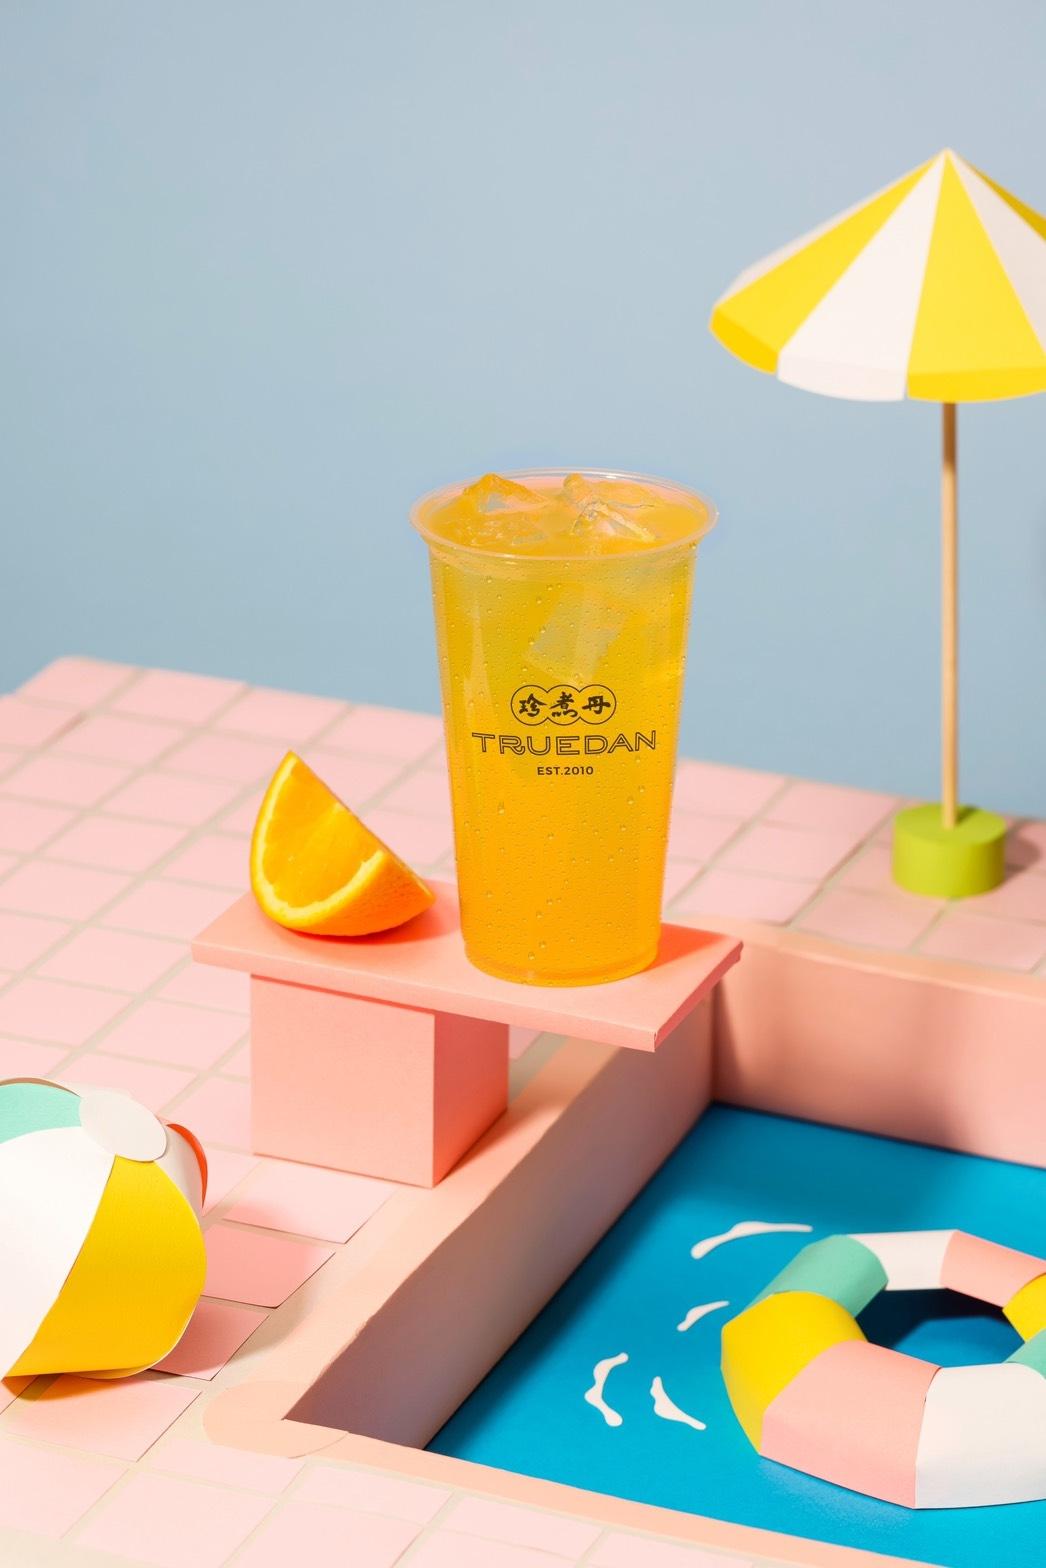 珍煮丹柳橙、葡萄柚、百香果夏日果茶系飲品新登場「胭花芭檸雪沙」強勢回歸!加入會員即享買二送一優惠!